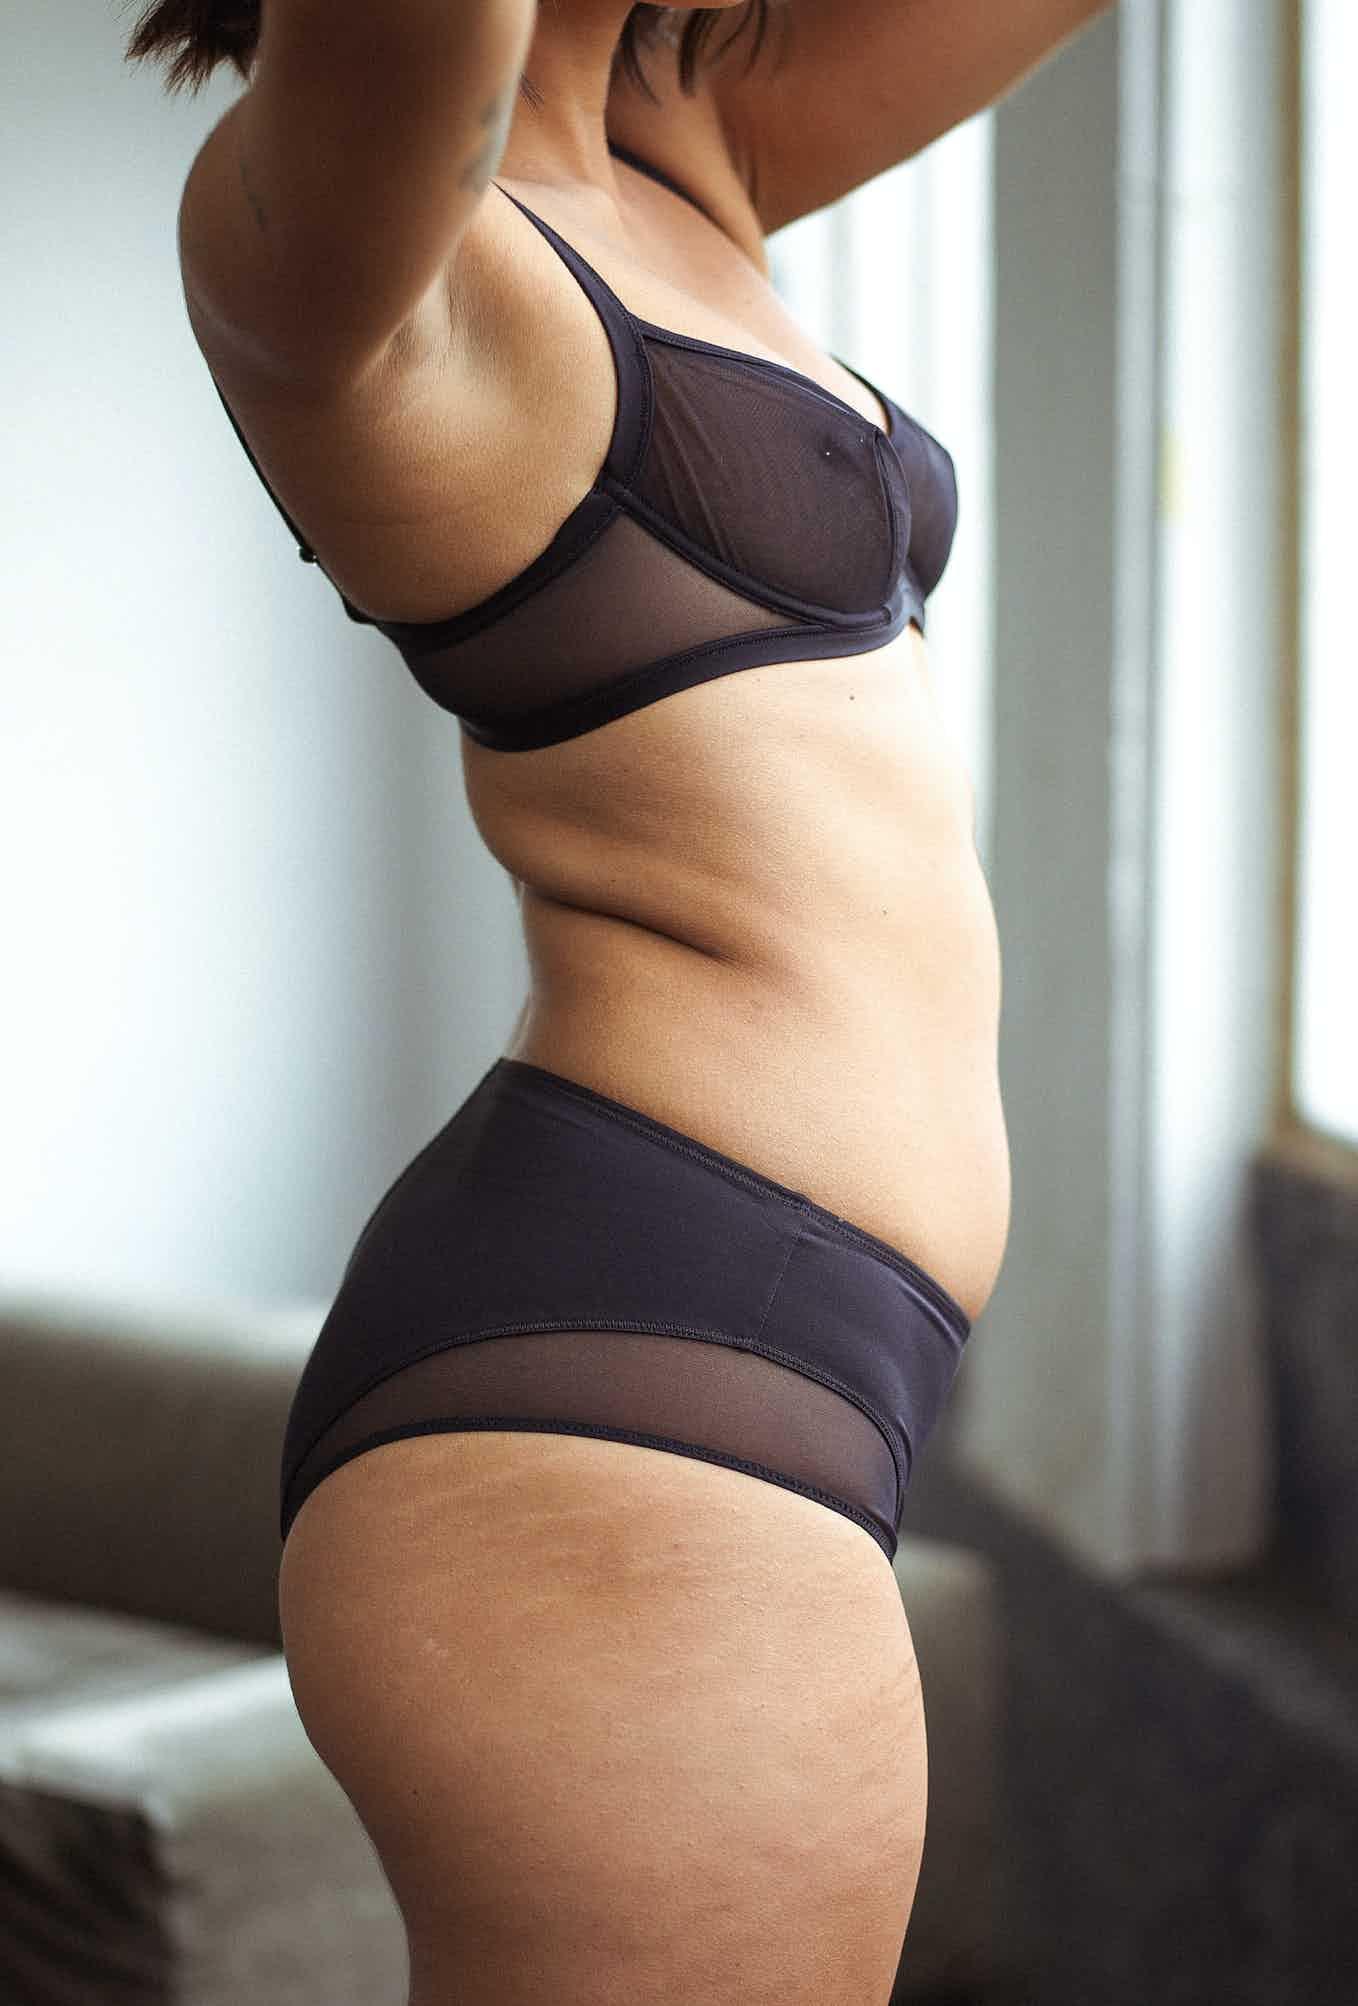 Ensemble de lingerie histoire de femmes avec soutien-gorge corbeille noire et culotte mi-haute